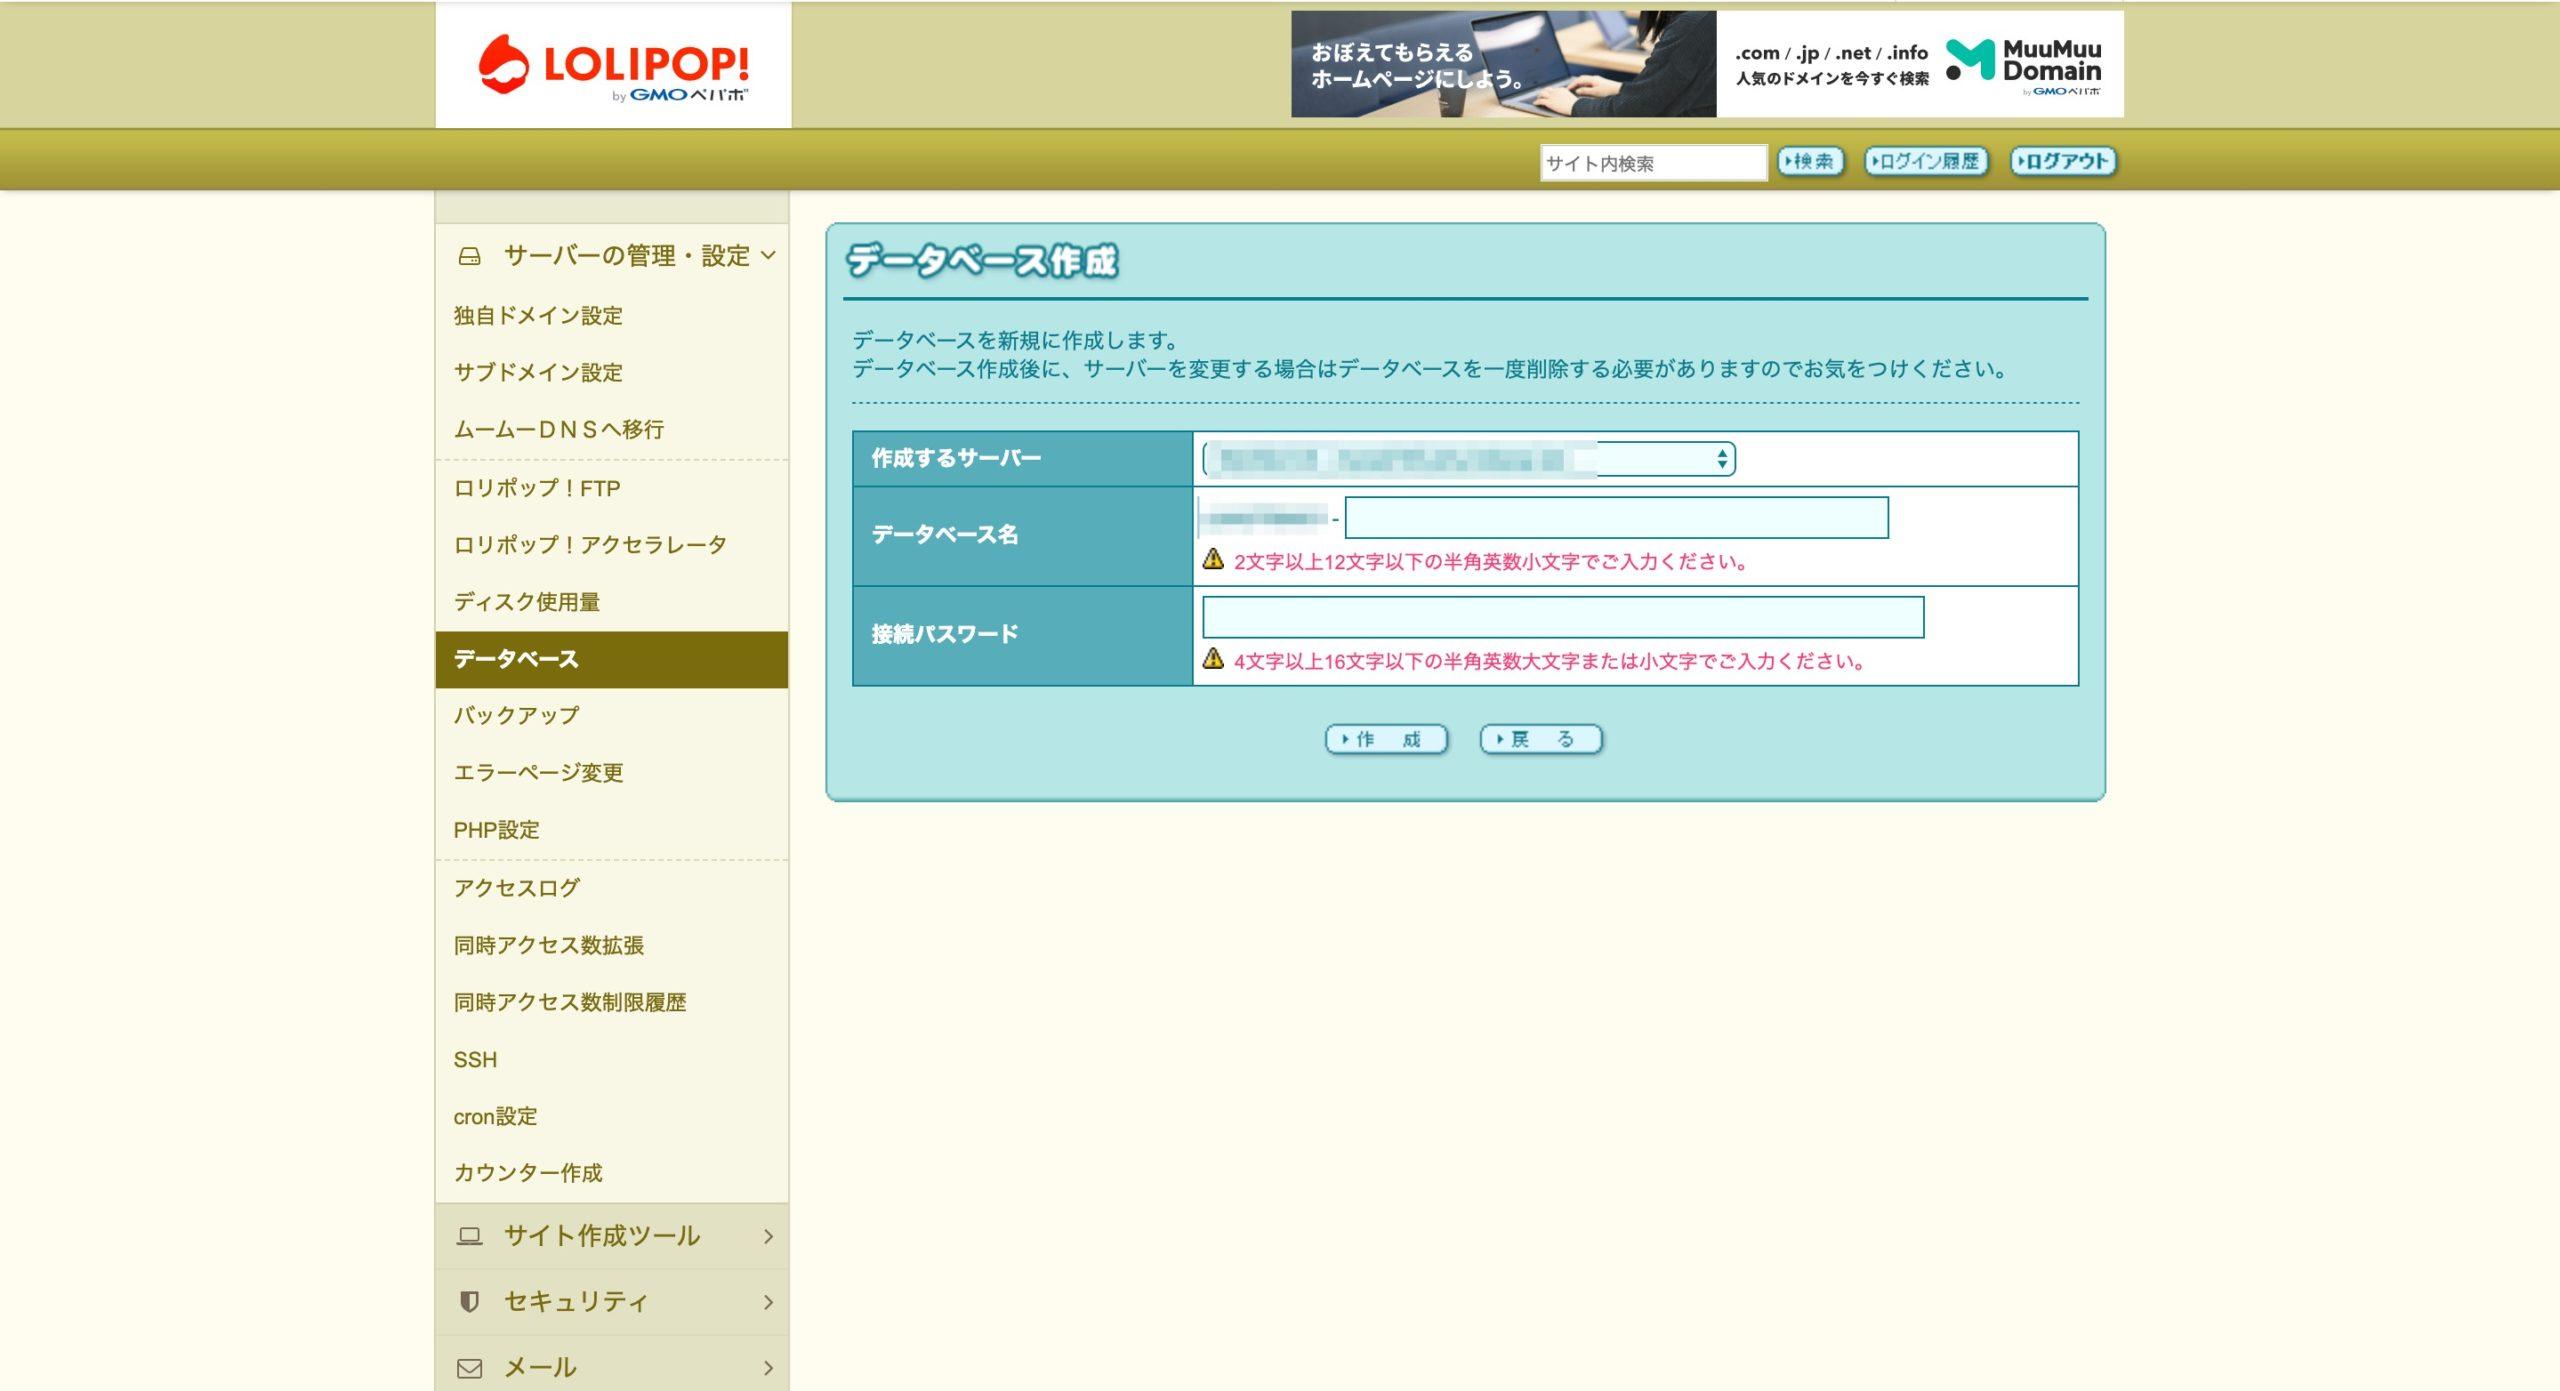 データベース情報入力ページ